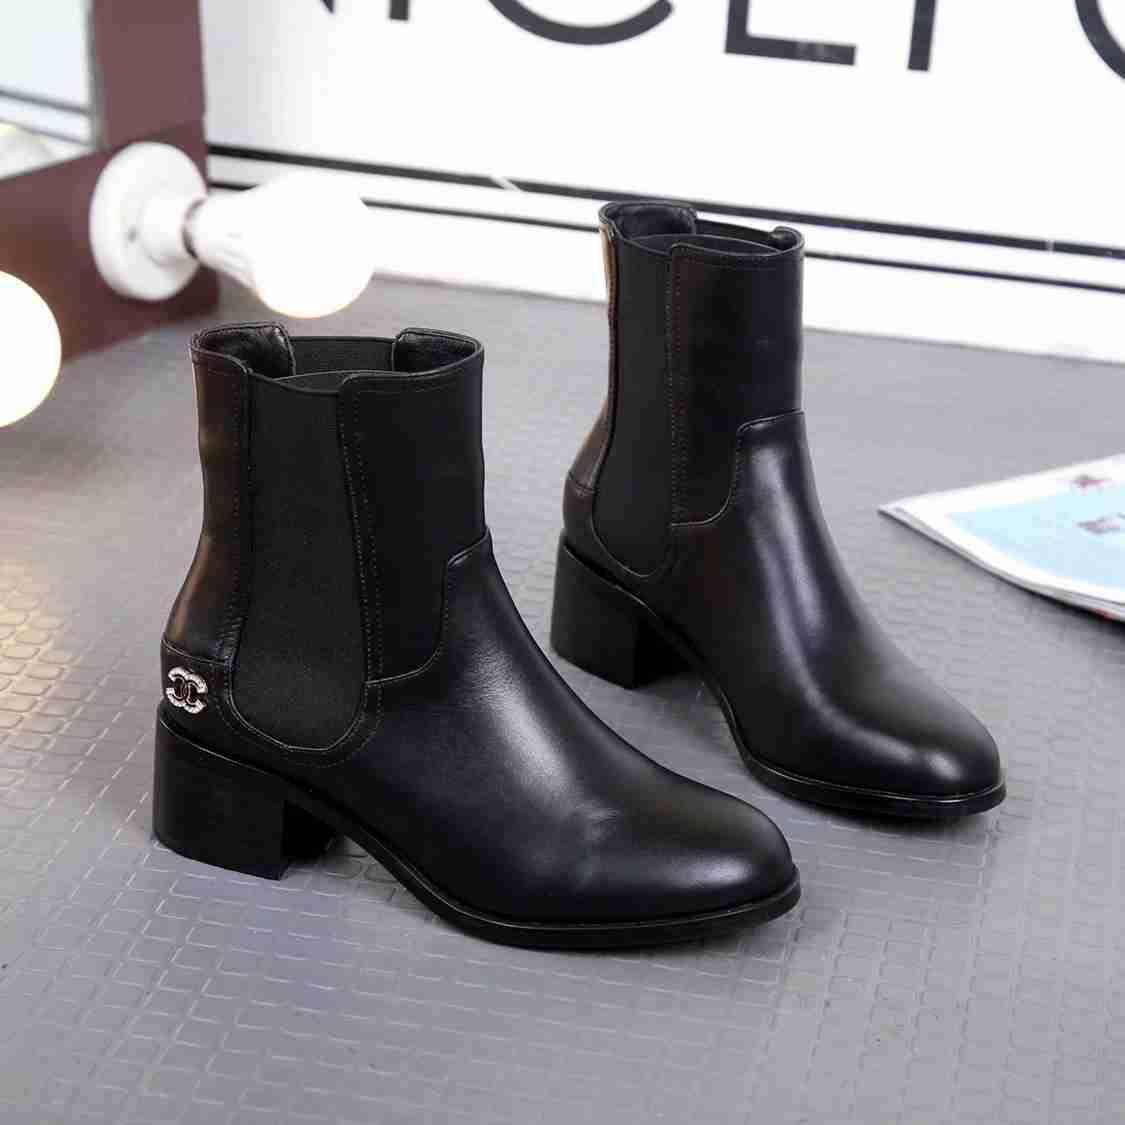 G 2018 Herbst Bursting Damen Modische Kurze Stiefel Gummiband Schuhe Aus Echtem Leder Mode Runde Kappe Frauen Casual